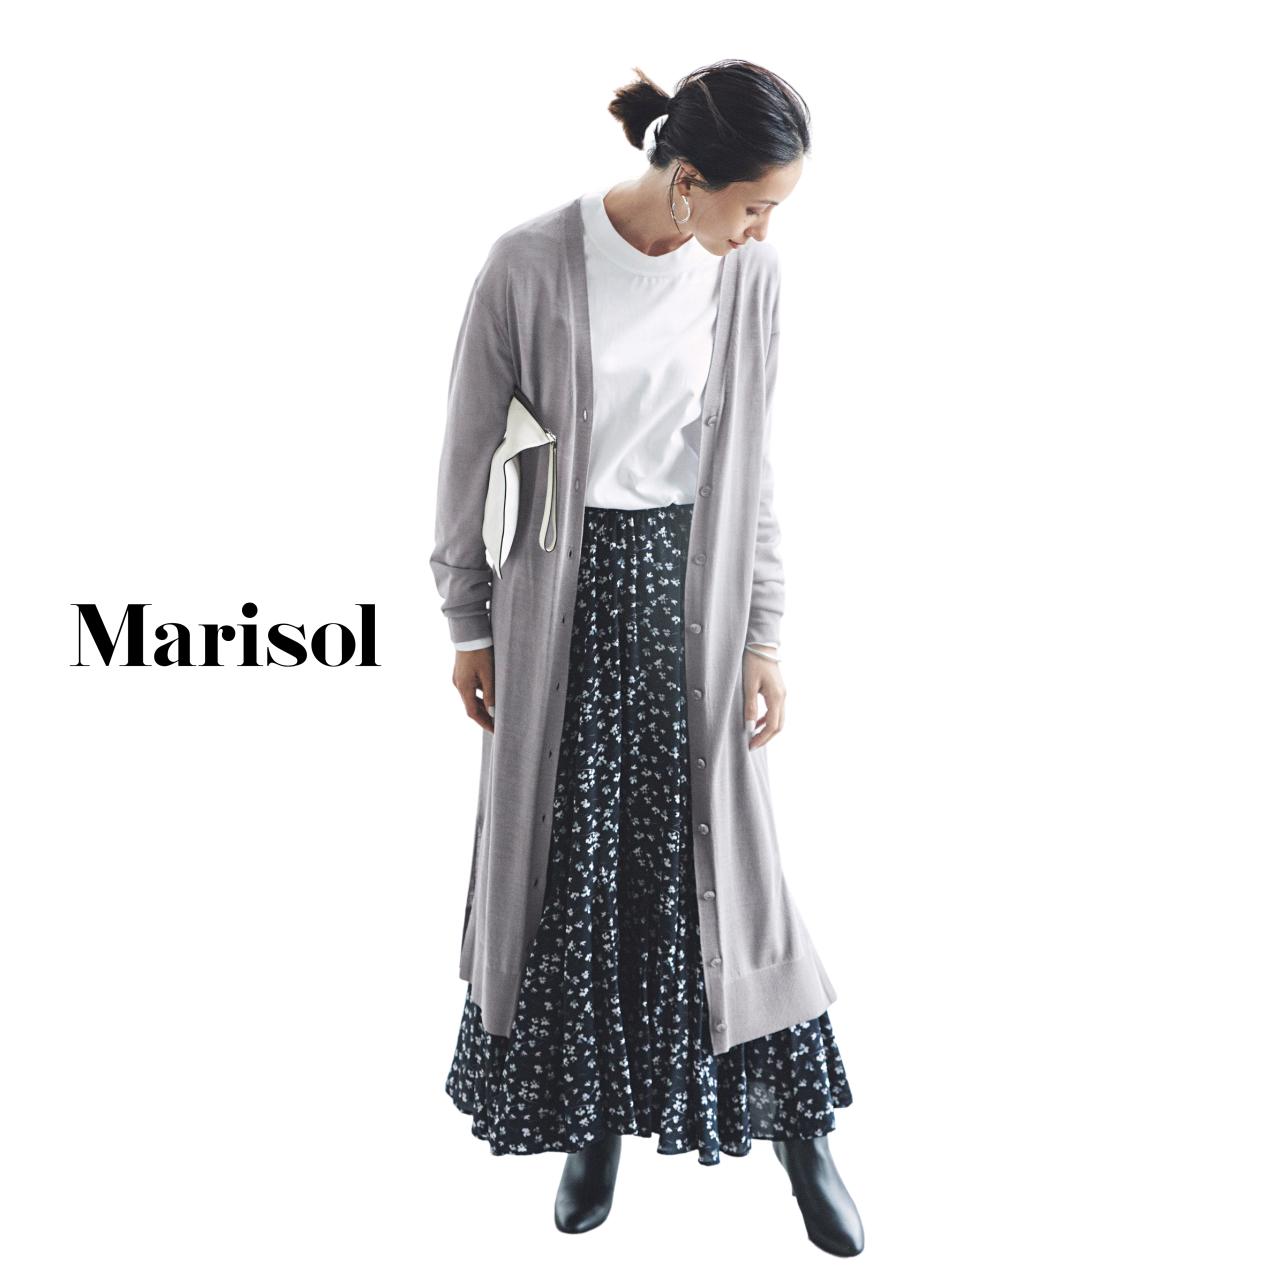 40代ファッション ロングカーディガン×Tシャツ×マキシ丈スカートコーデ